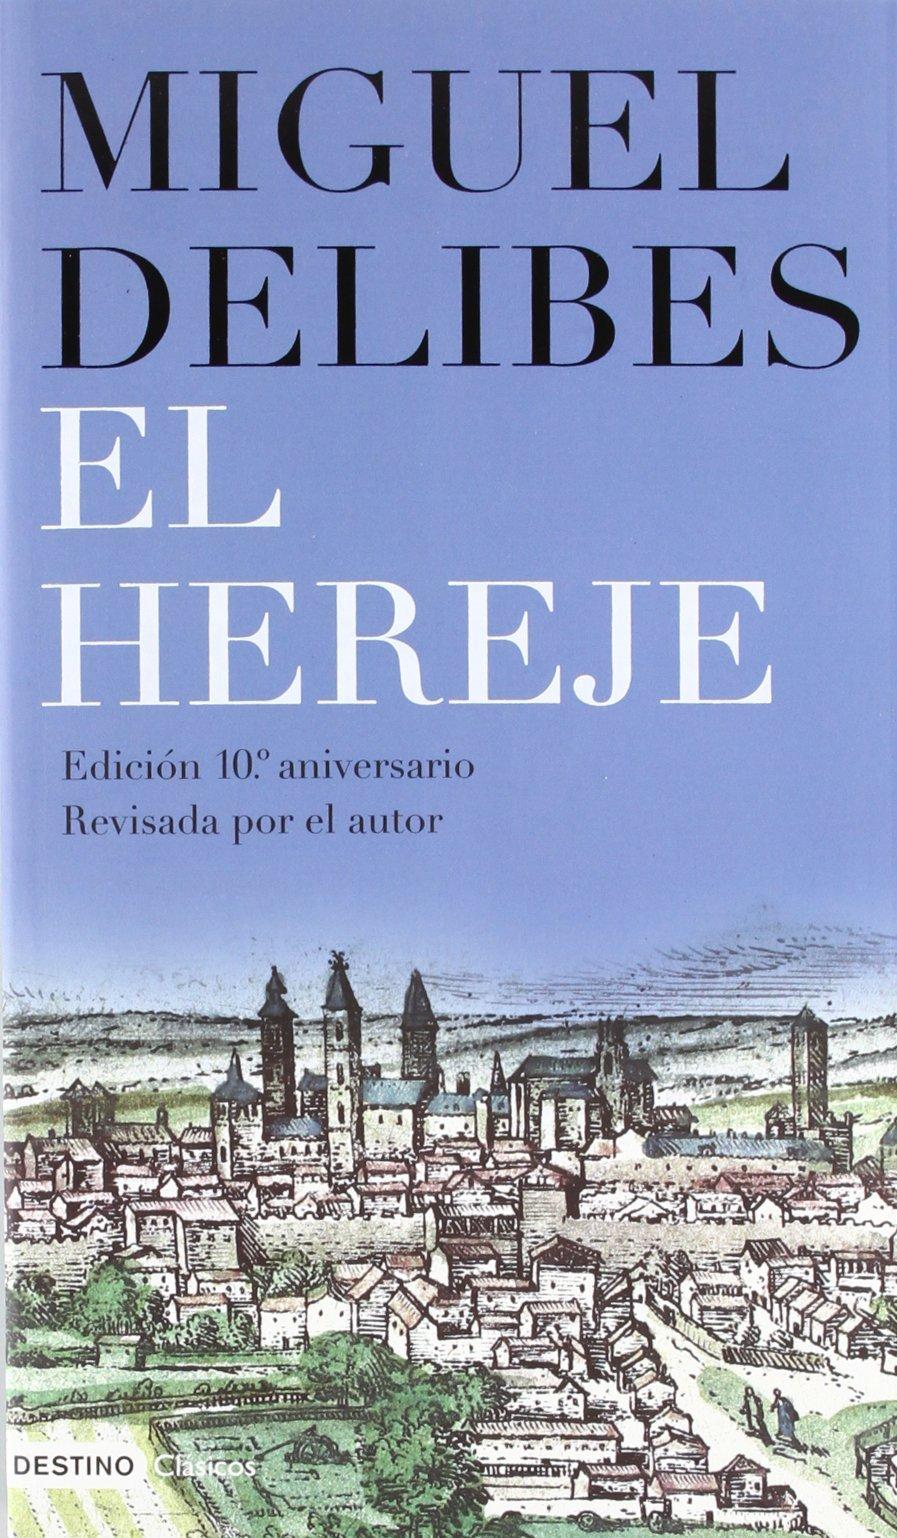 El hereje, de Delibes. Selección de novela histórica